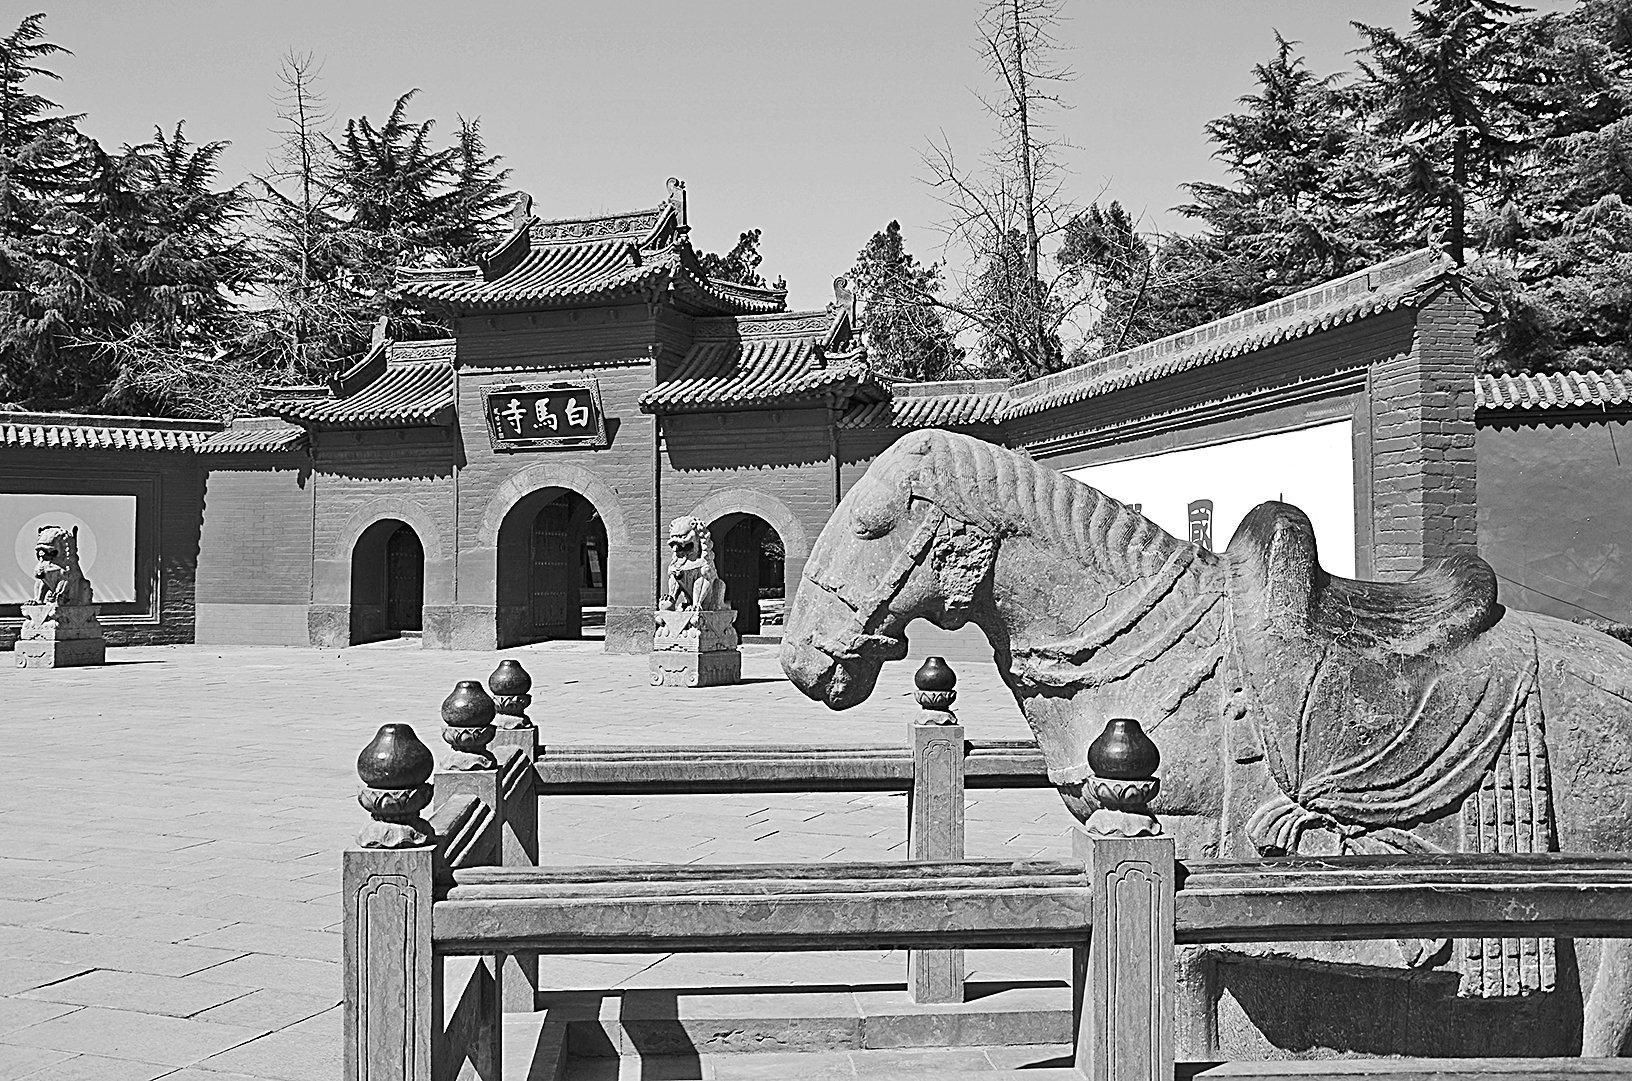 1966年5月文革爆發,白馬寺遼代十八羅漢泥塑、兩千年前印度高僧帶來的貝葉經、稀世珍寶玉馬在內的佛像、經卷被破壞,寺廟也差點被燒掉。(大紀元資料室)